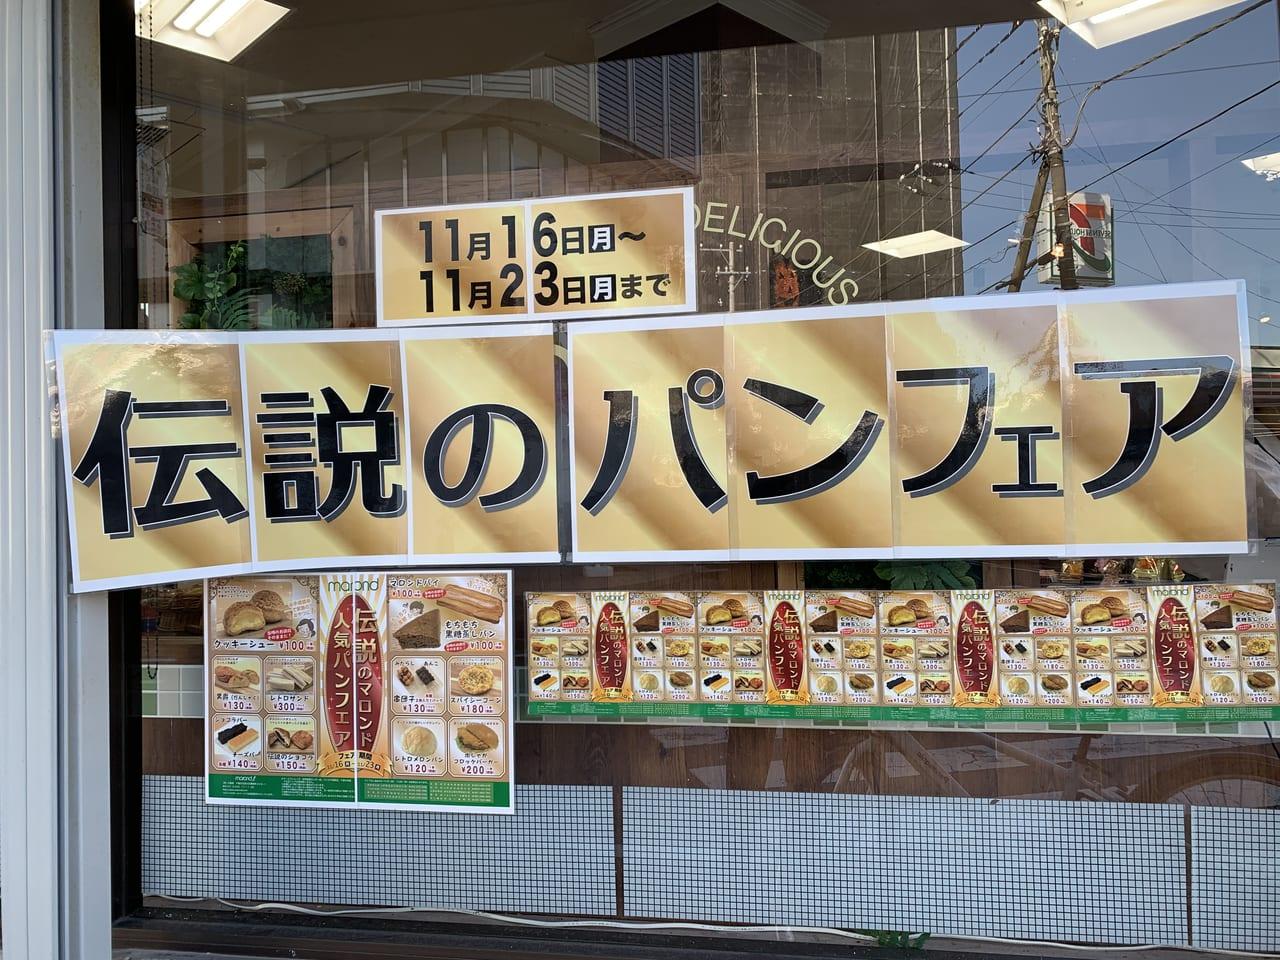 marondo伝説のパンフェア